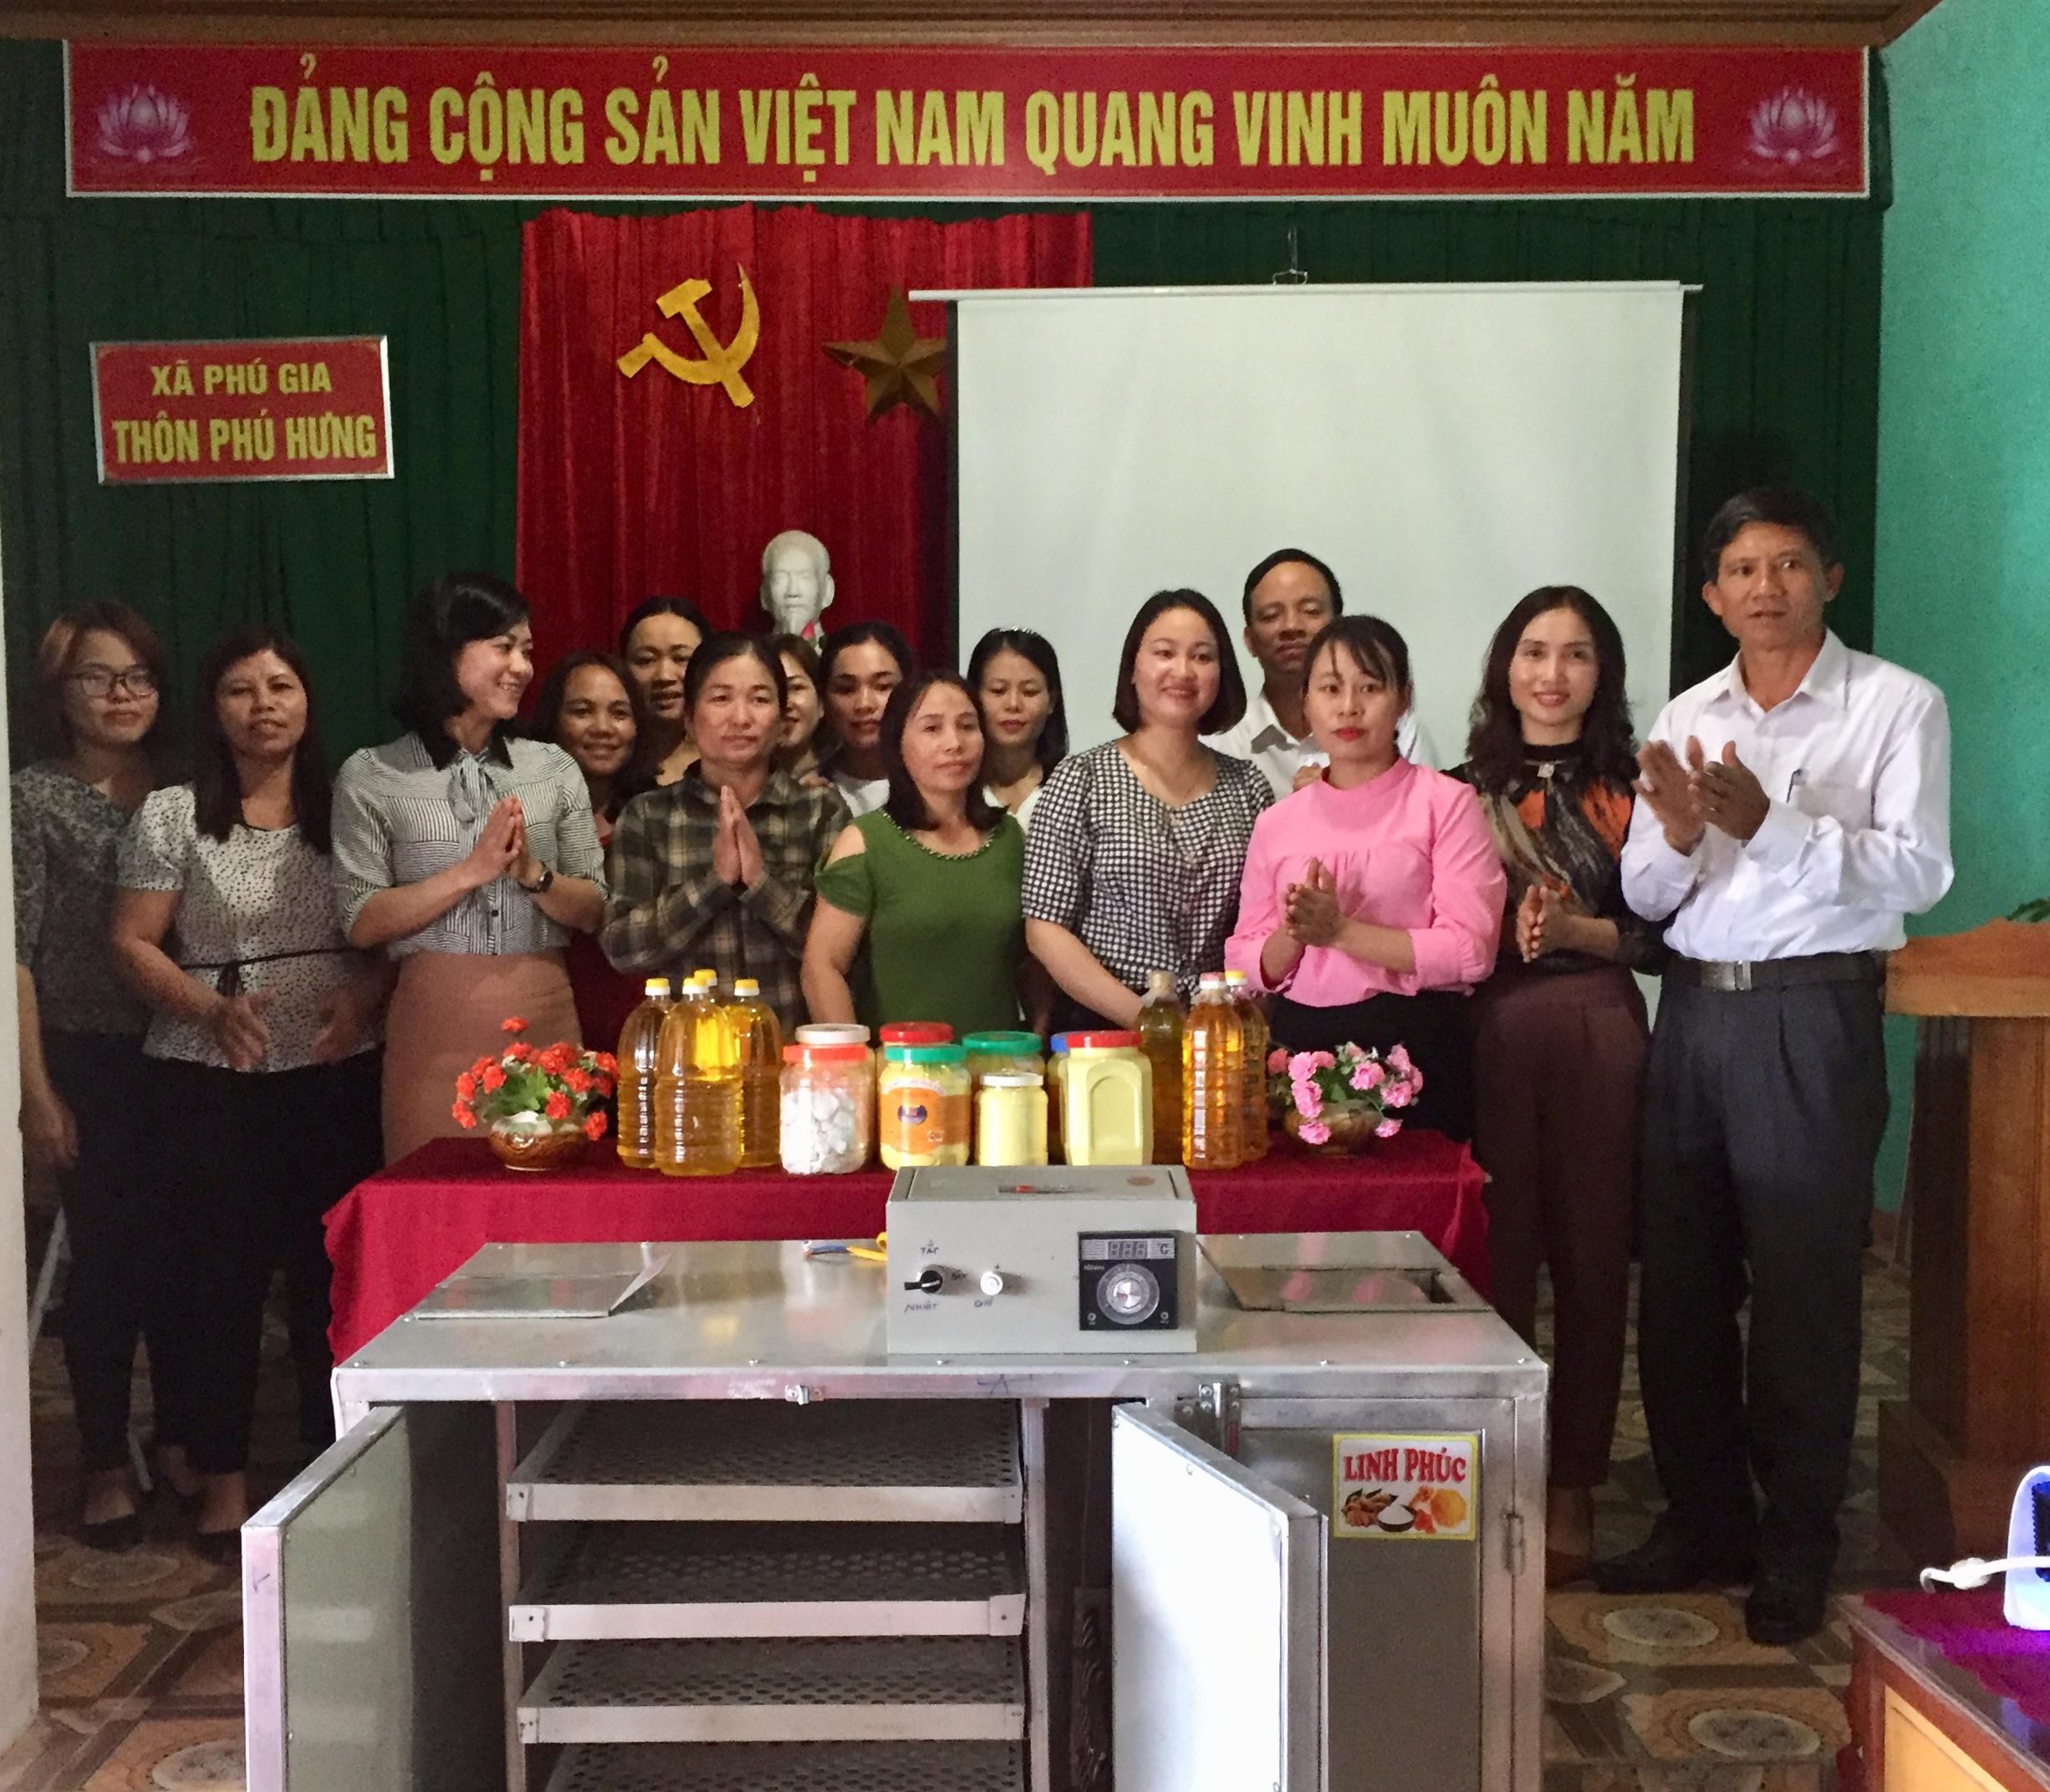 Ra mắt Tổ hợp tác trồng và sản xuất tinh bột nghệ, dầu lạc, dầu vừng tại xã Phú Gia.